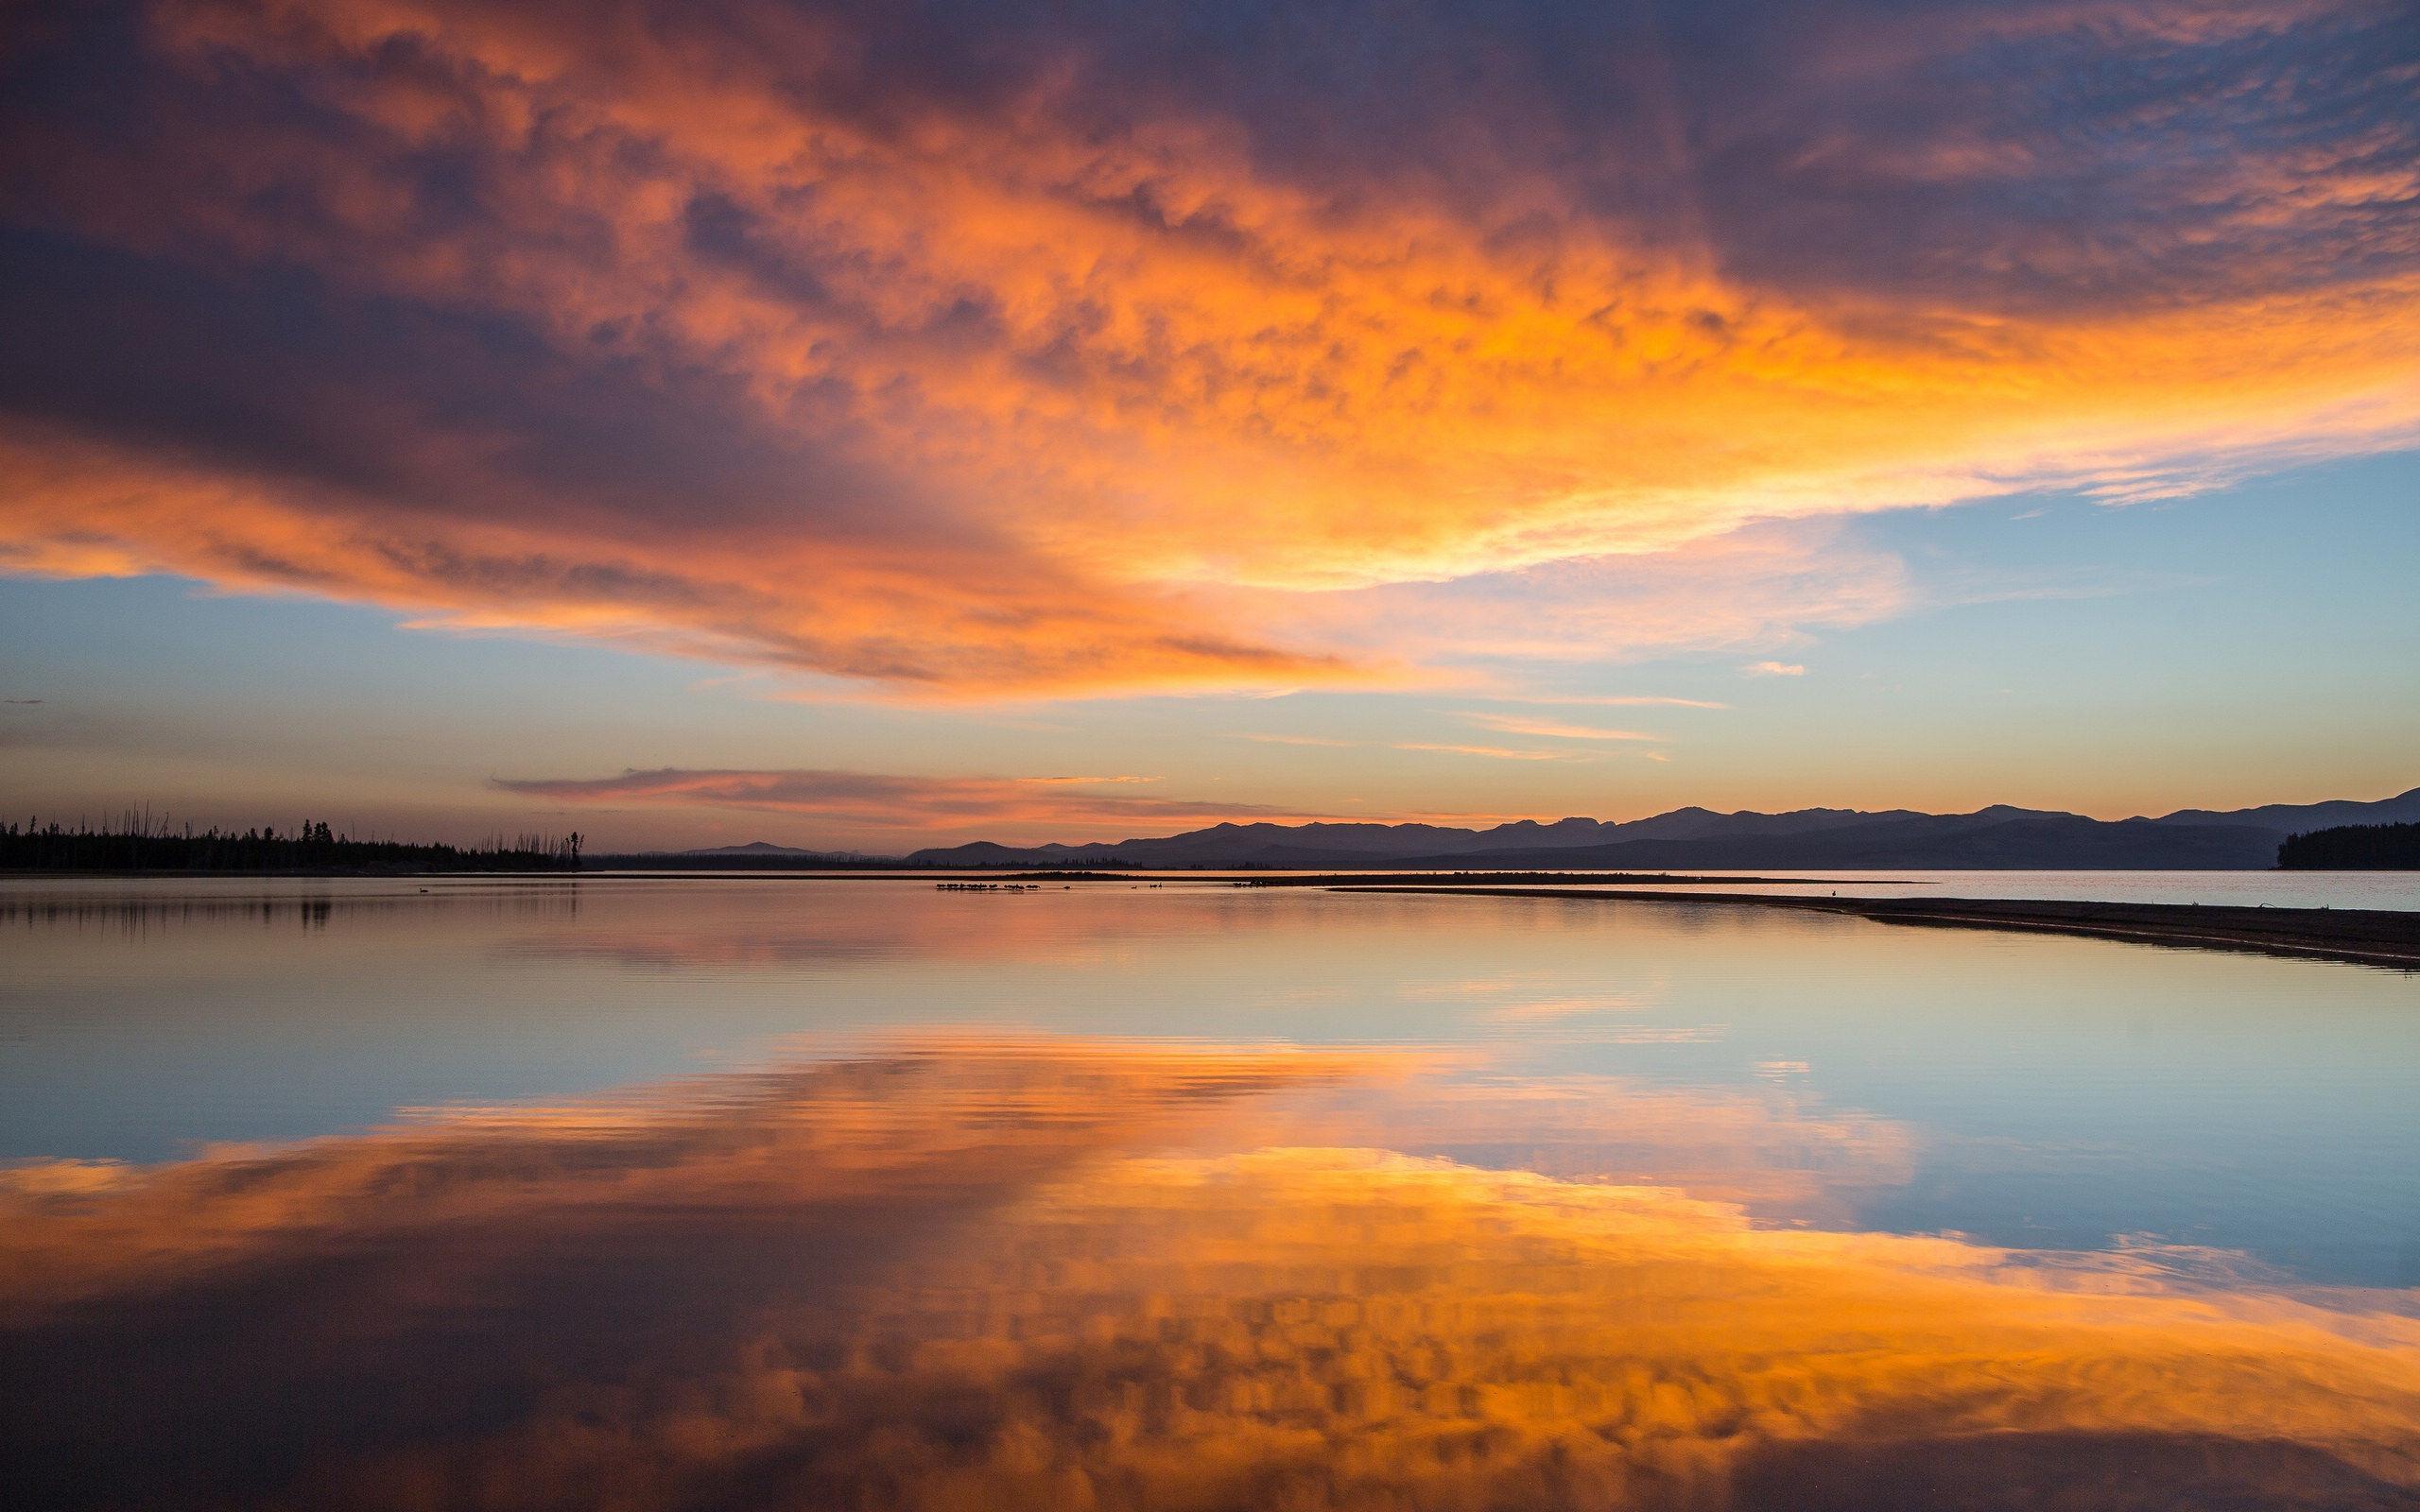 背景 壁纸 风景 天空 桌面 2560_1600